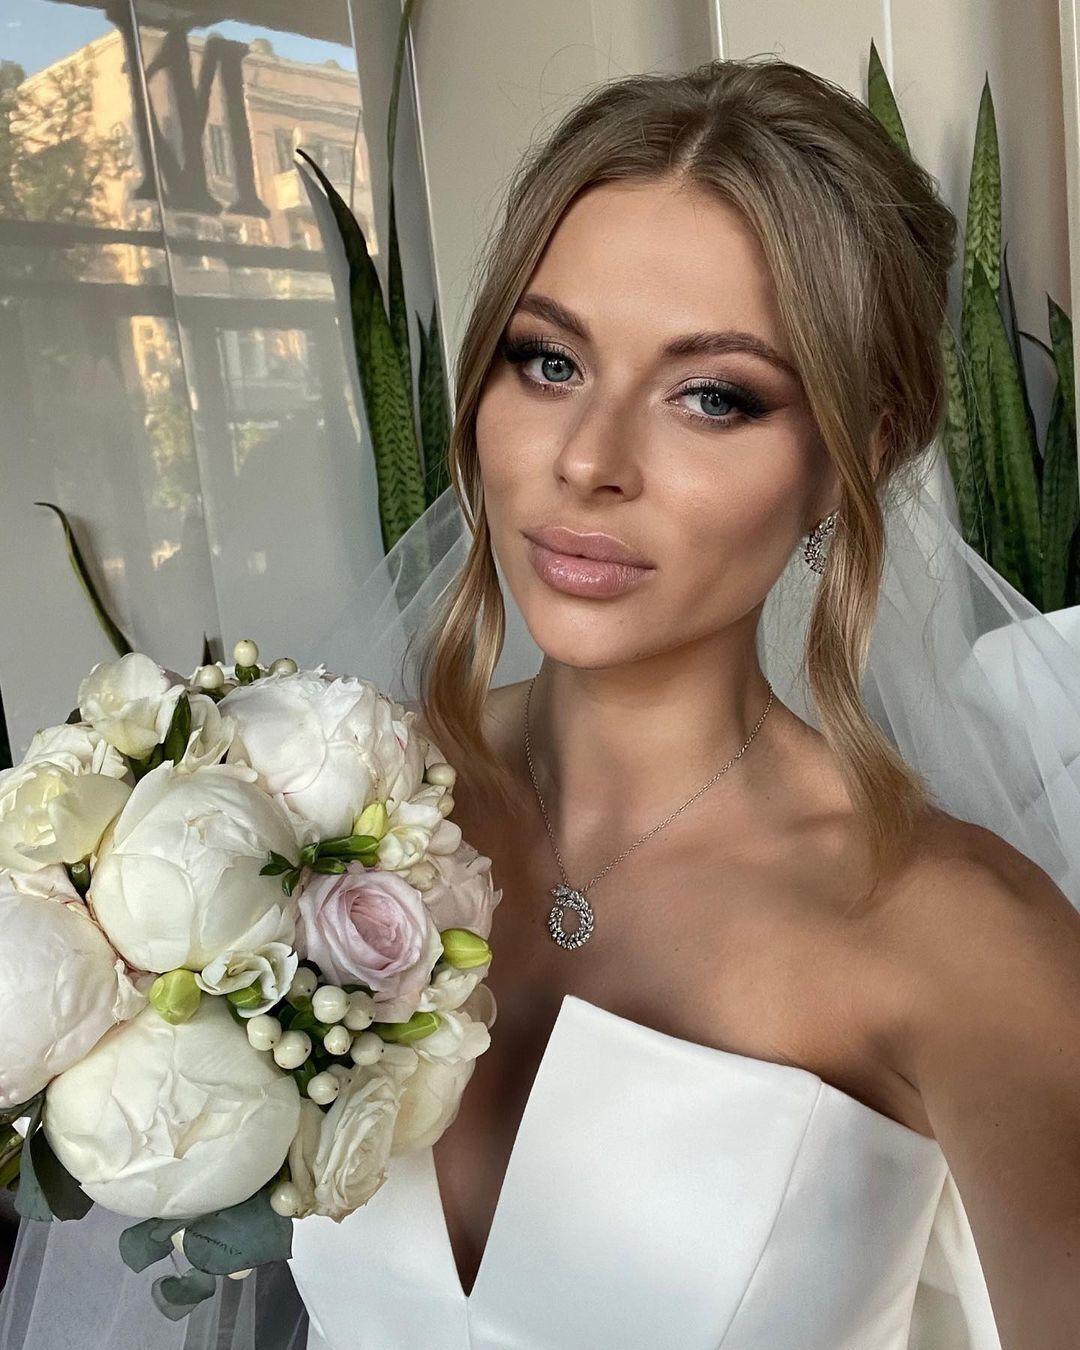 Юліанна Шабанова перед весіллям